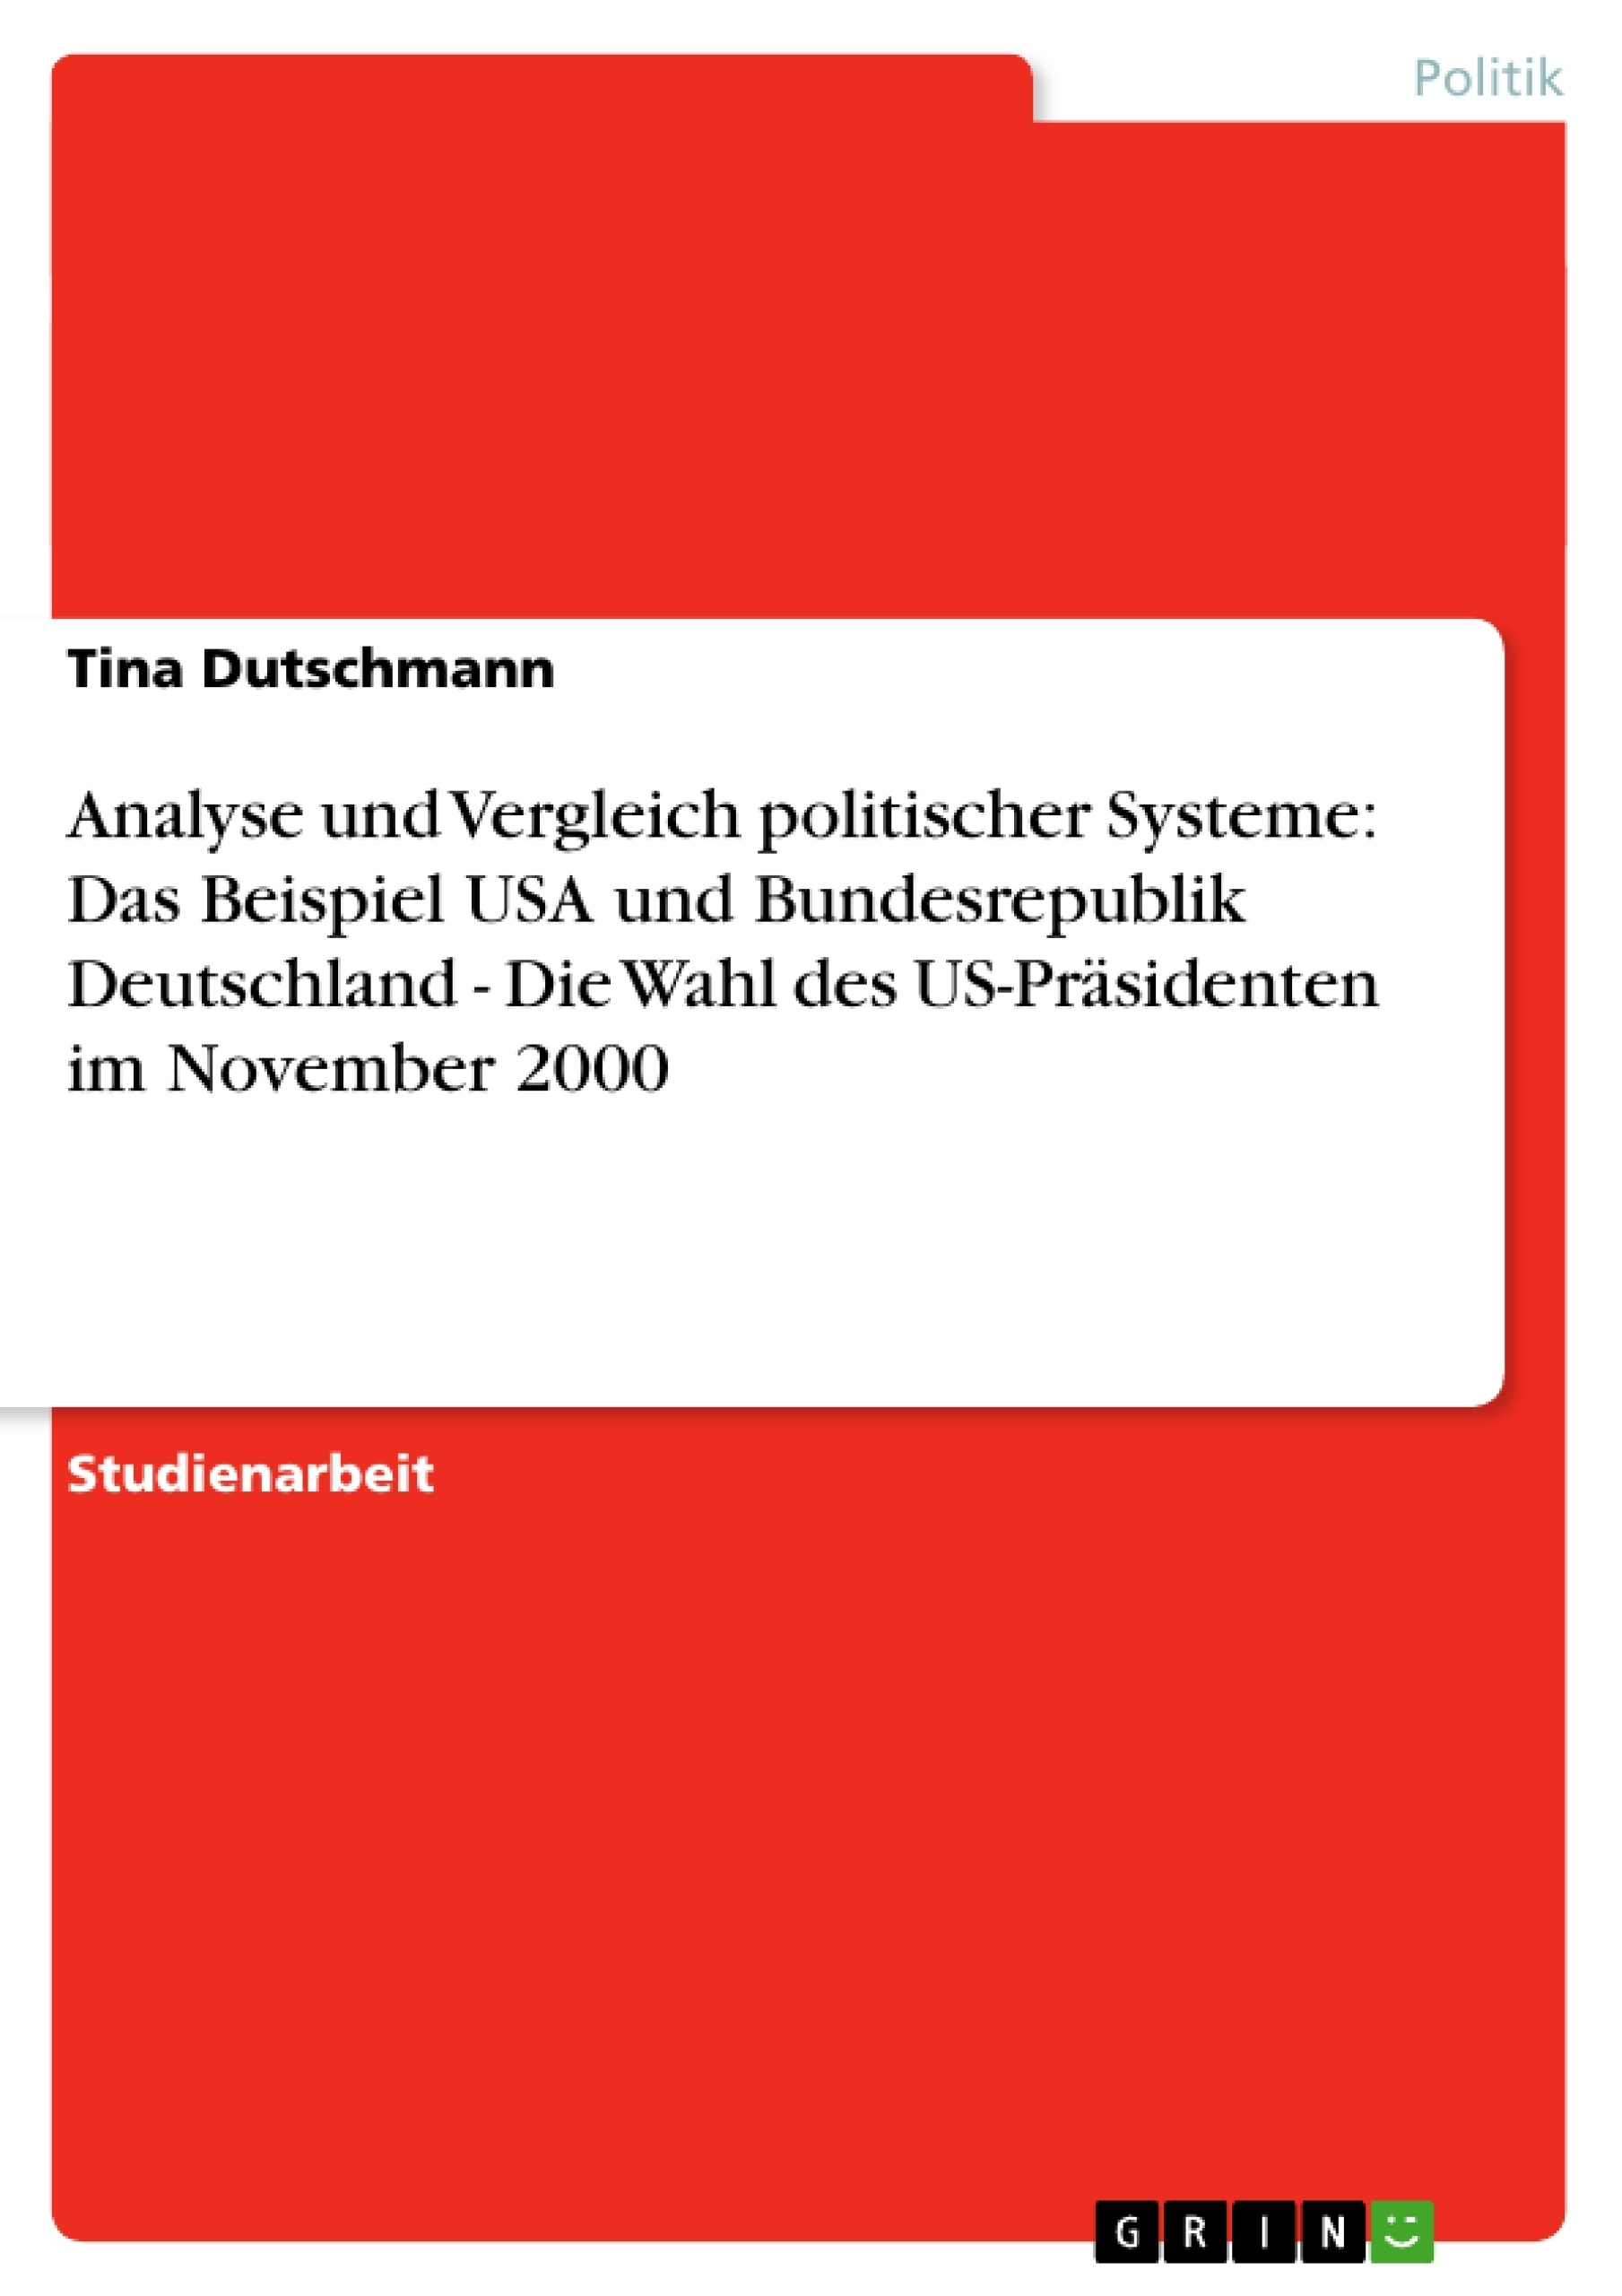 Titel: Analyse und Vergleich politischer Systeme: Das Beispiel USA und Bundesrepublik Deutschland - Die Wahl des US-Präsidenten im November 2000